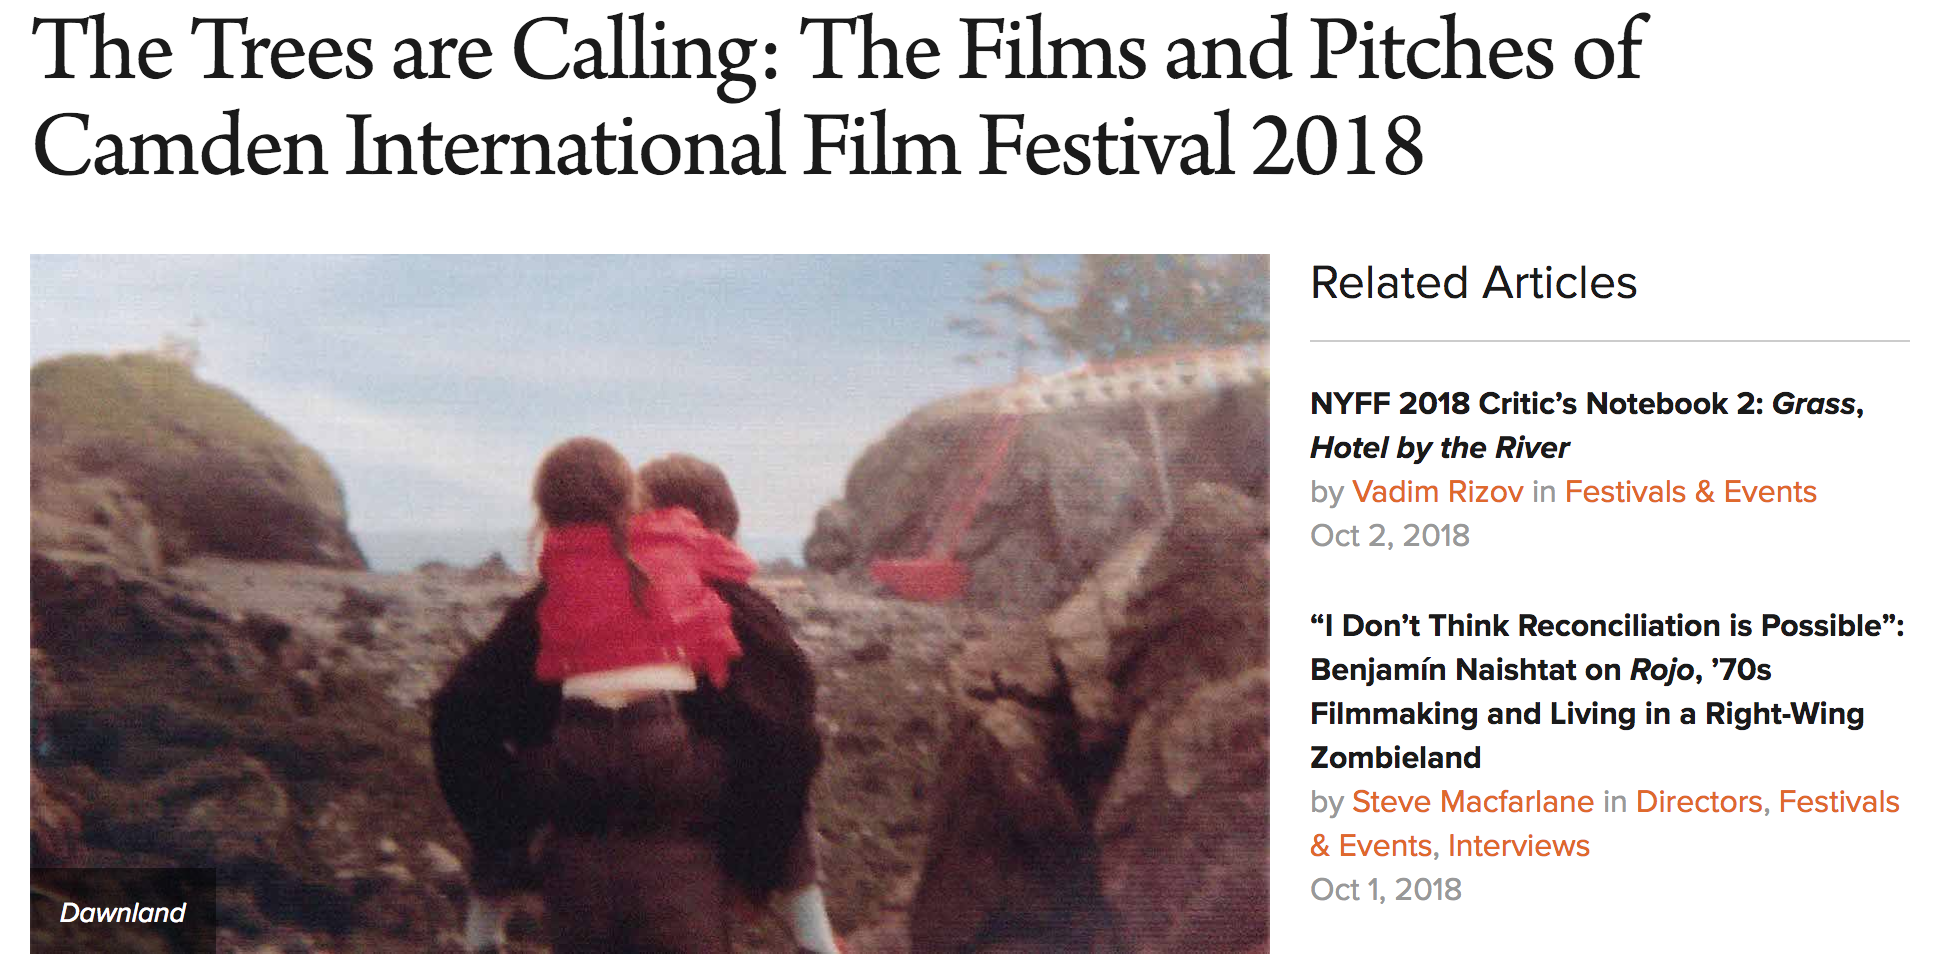 September 25, 2018 | Filmmaker Magazine -